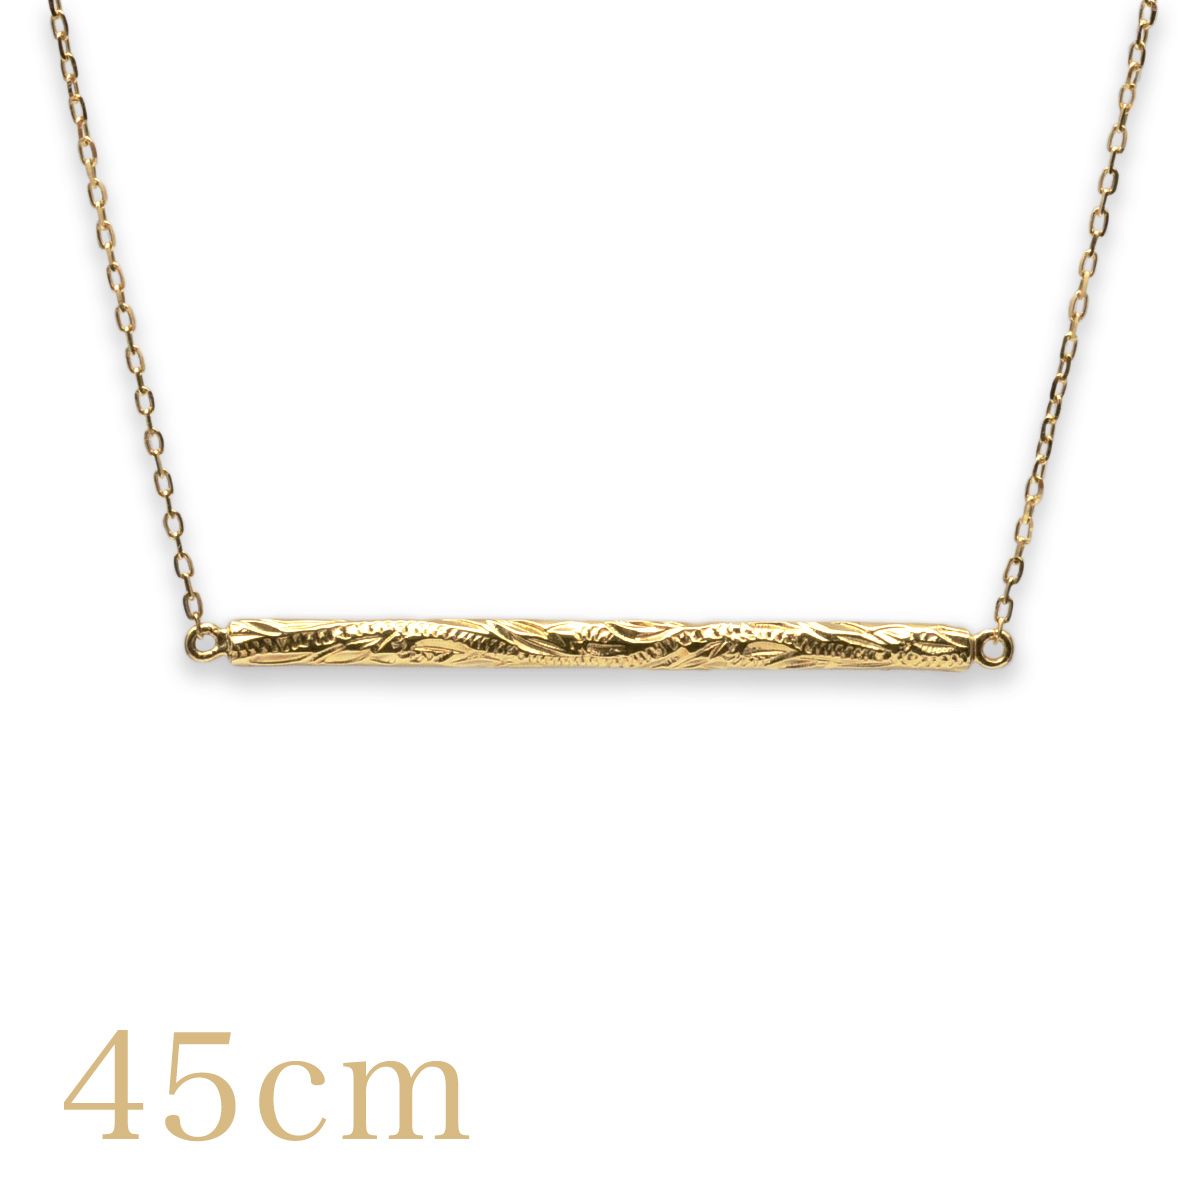 【45cm】18Kネックレス ゴールドネックレス 18金 ハワイアンジュエリー K18 イエローゴールド 胸元をそっと飾る ストレート・バー ゴールド ペンダント ペンダント華奢 シンプル ane1531ae プレゼント ギフト